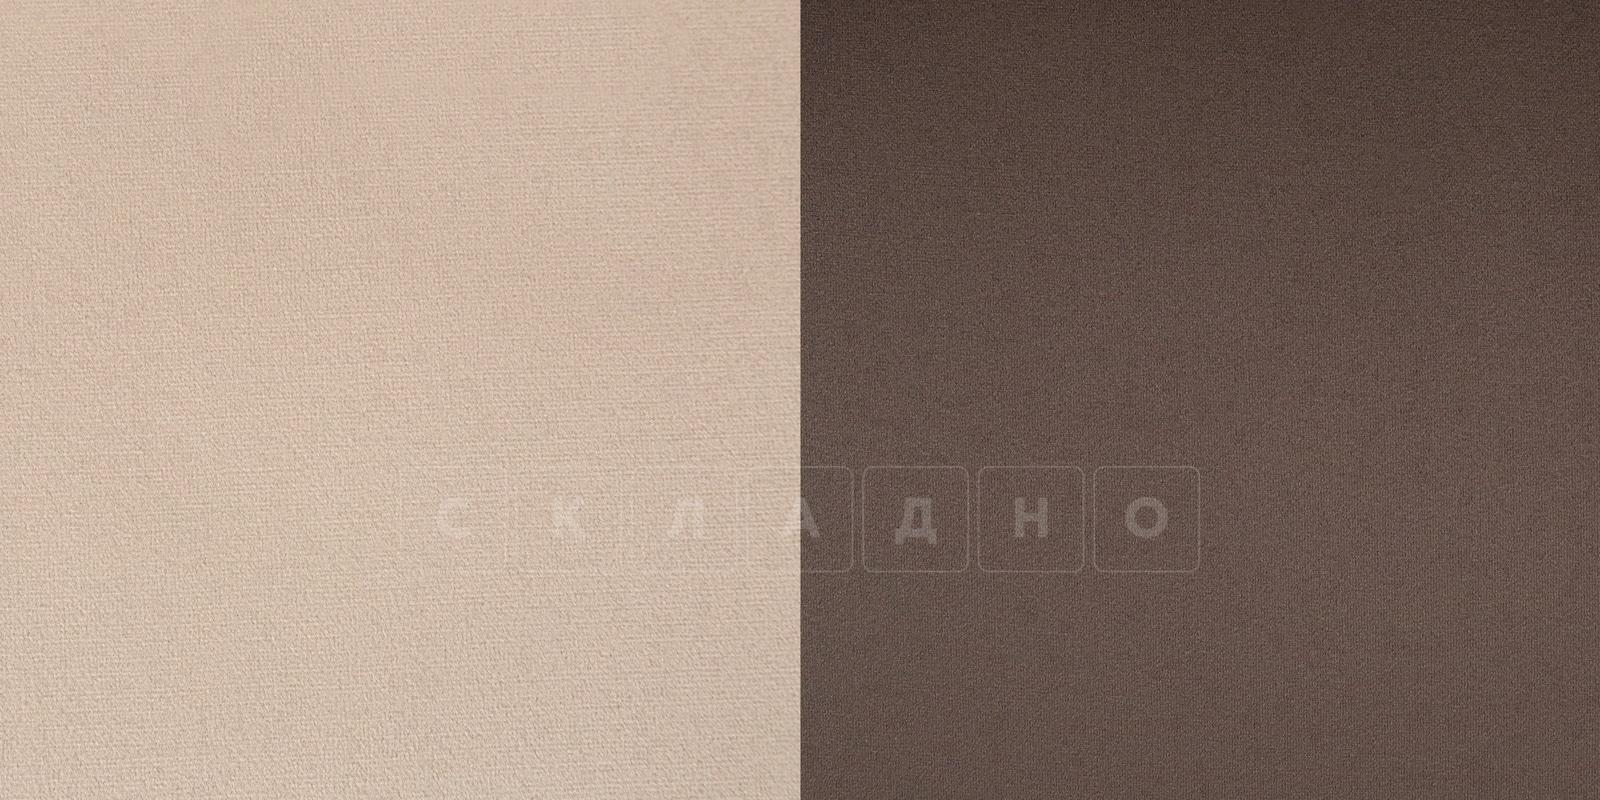 Диван угловой Бристоль велюр бежевый с коричневым правый угол фото 7 | интернет-магазин Складно